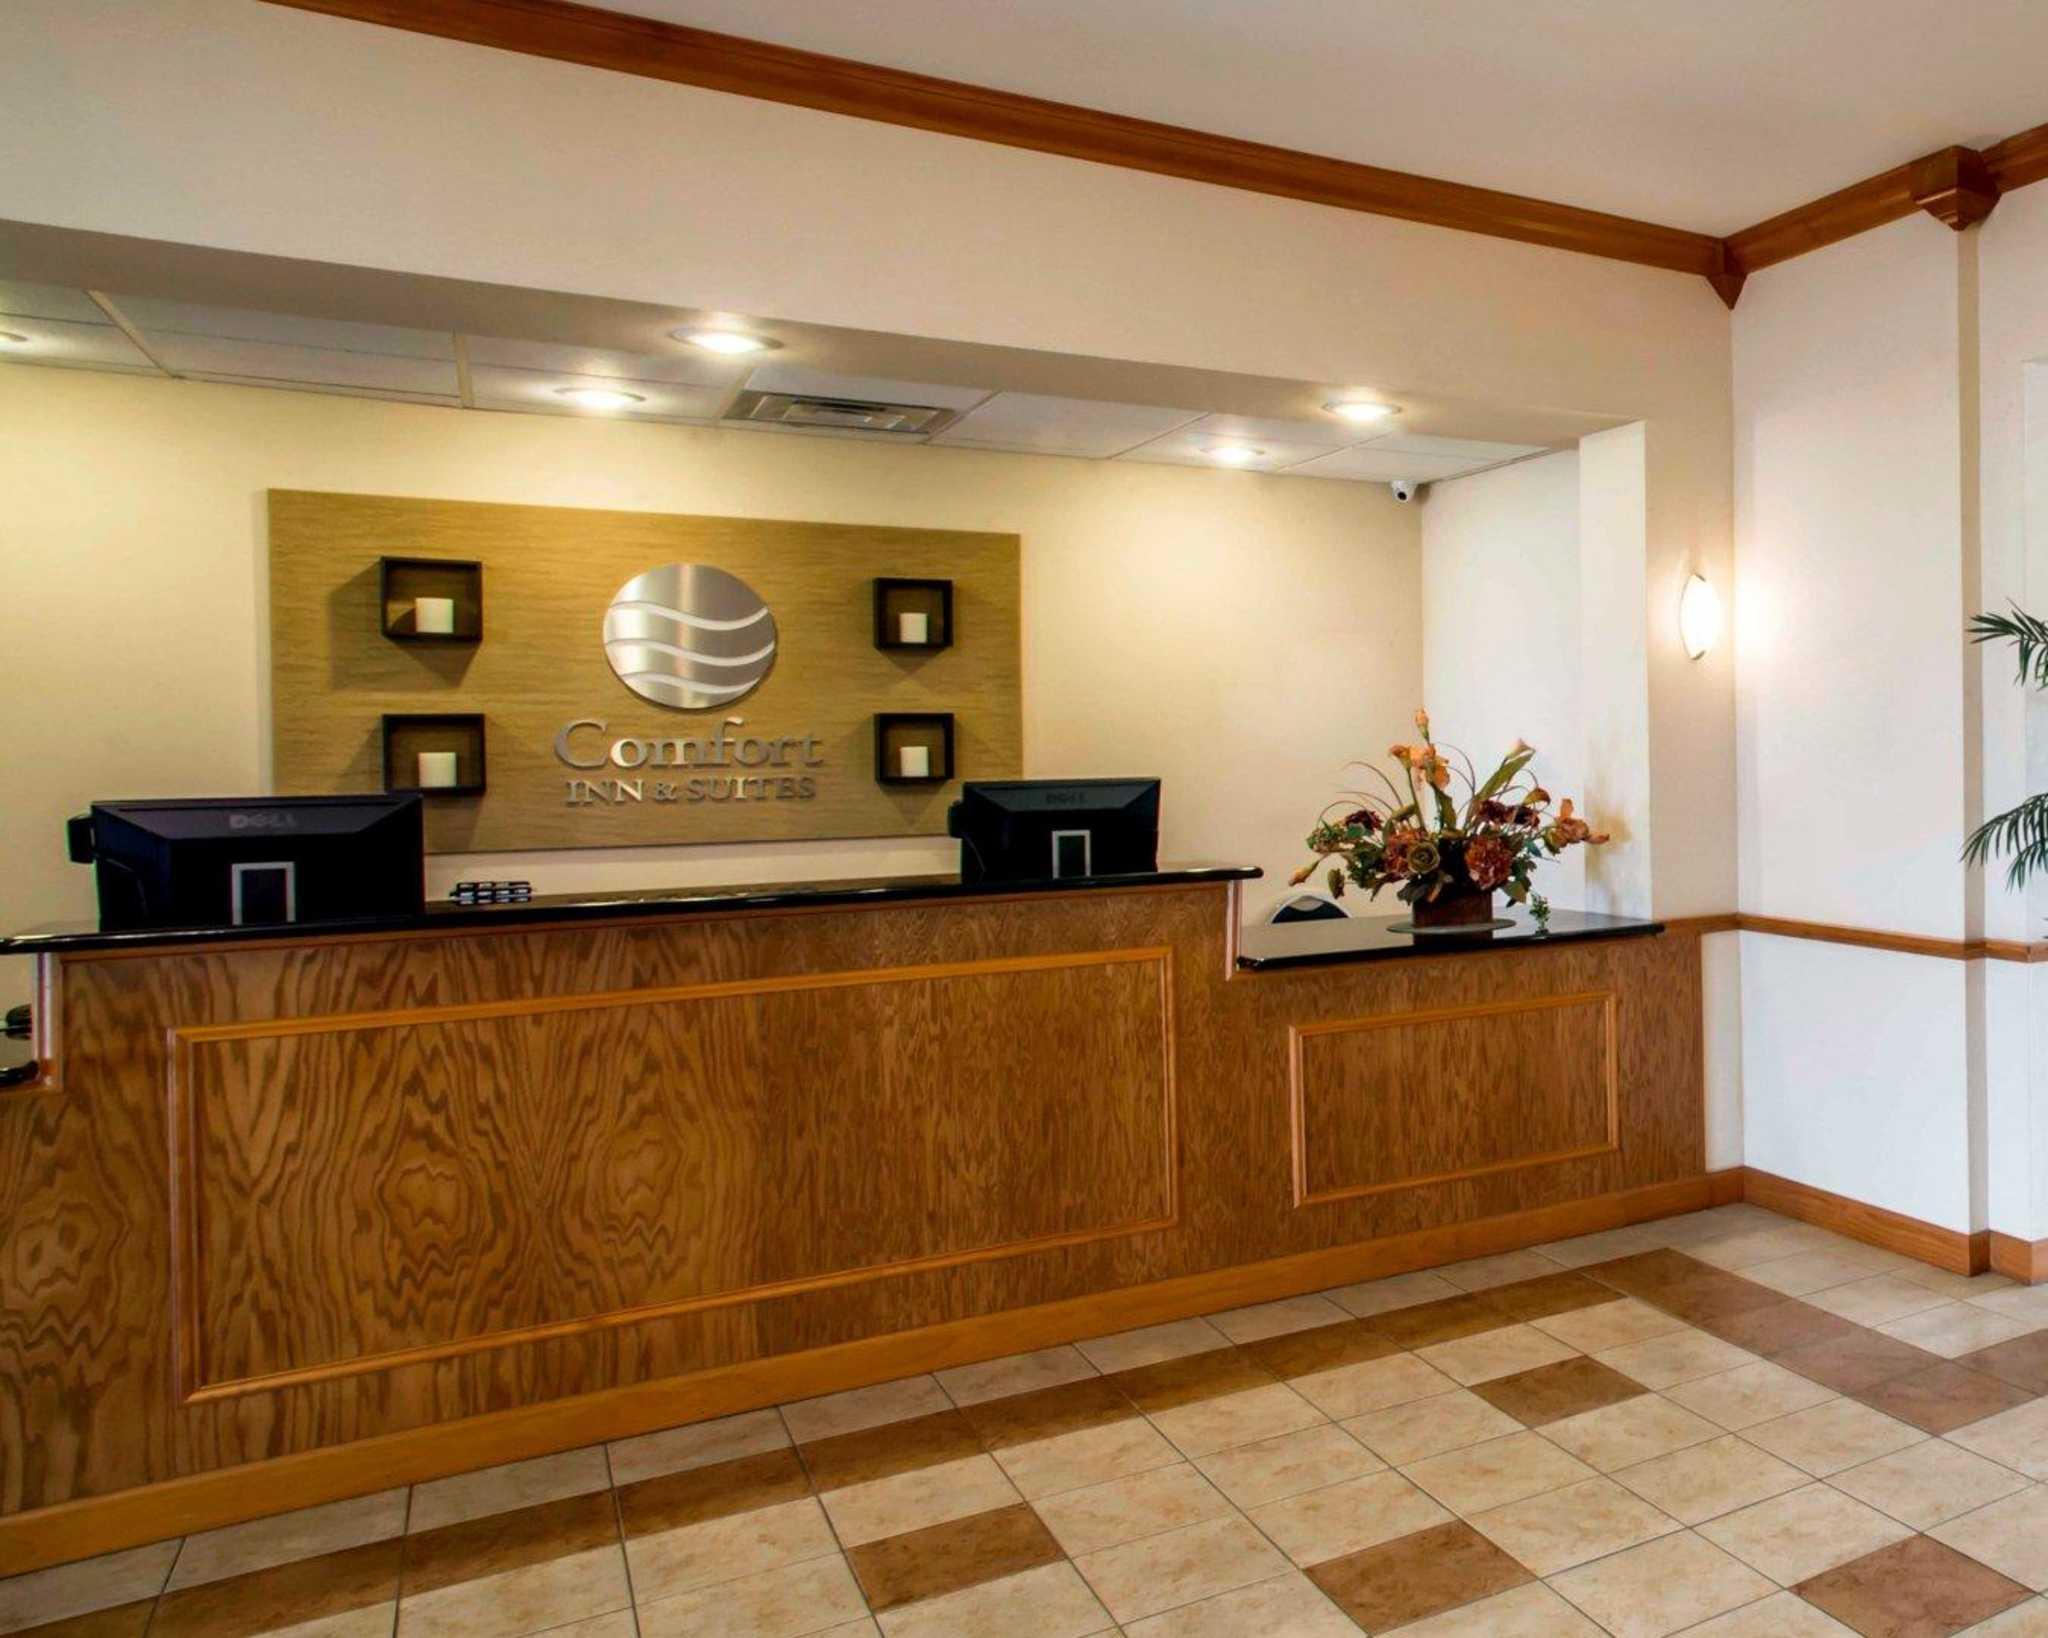 Comfort Inn & Suites Greenville I-70 image 11